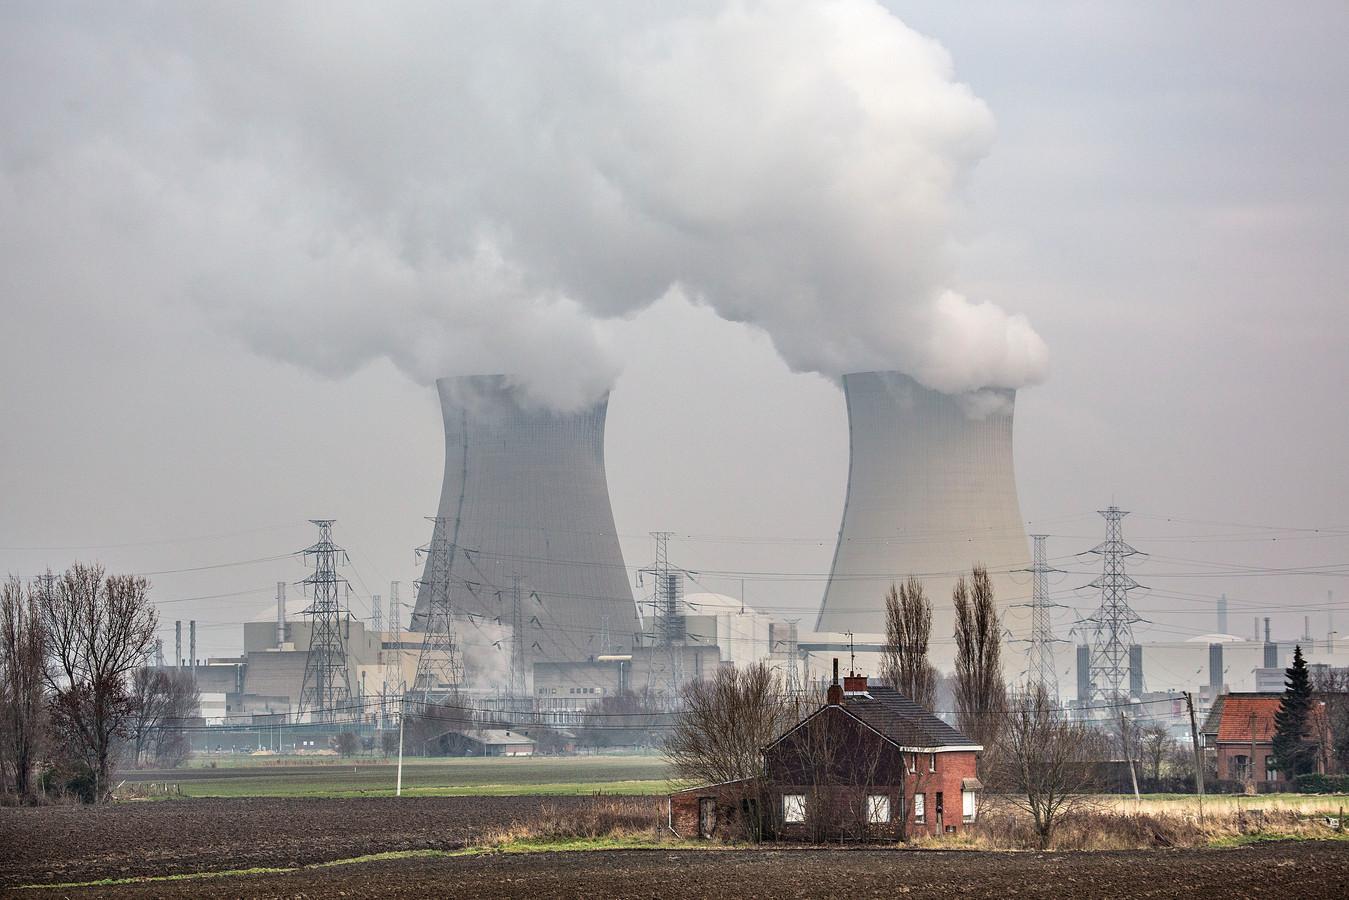 De Belgische kerncentrale in Doel, vlakbij de grens met Nederland (en Brabant) kampt regelmatig met problemen.